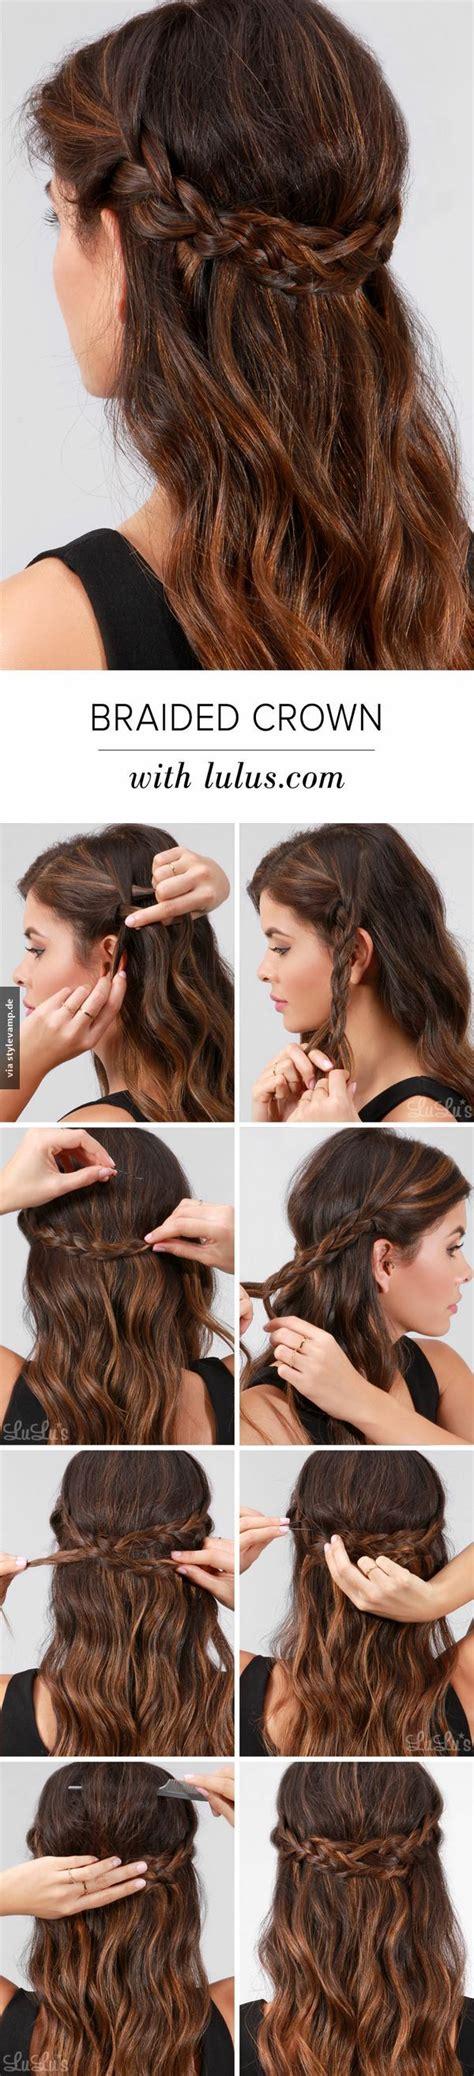 how to give myself the best hairstyle with a widows peak for men 220 ber 1 000 ideen zu kommunion frisuren auf pinterest